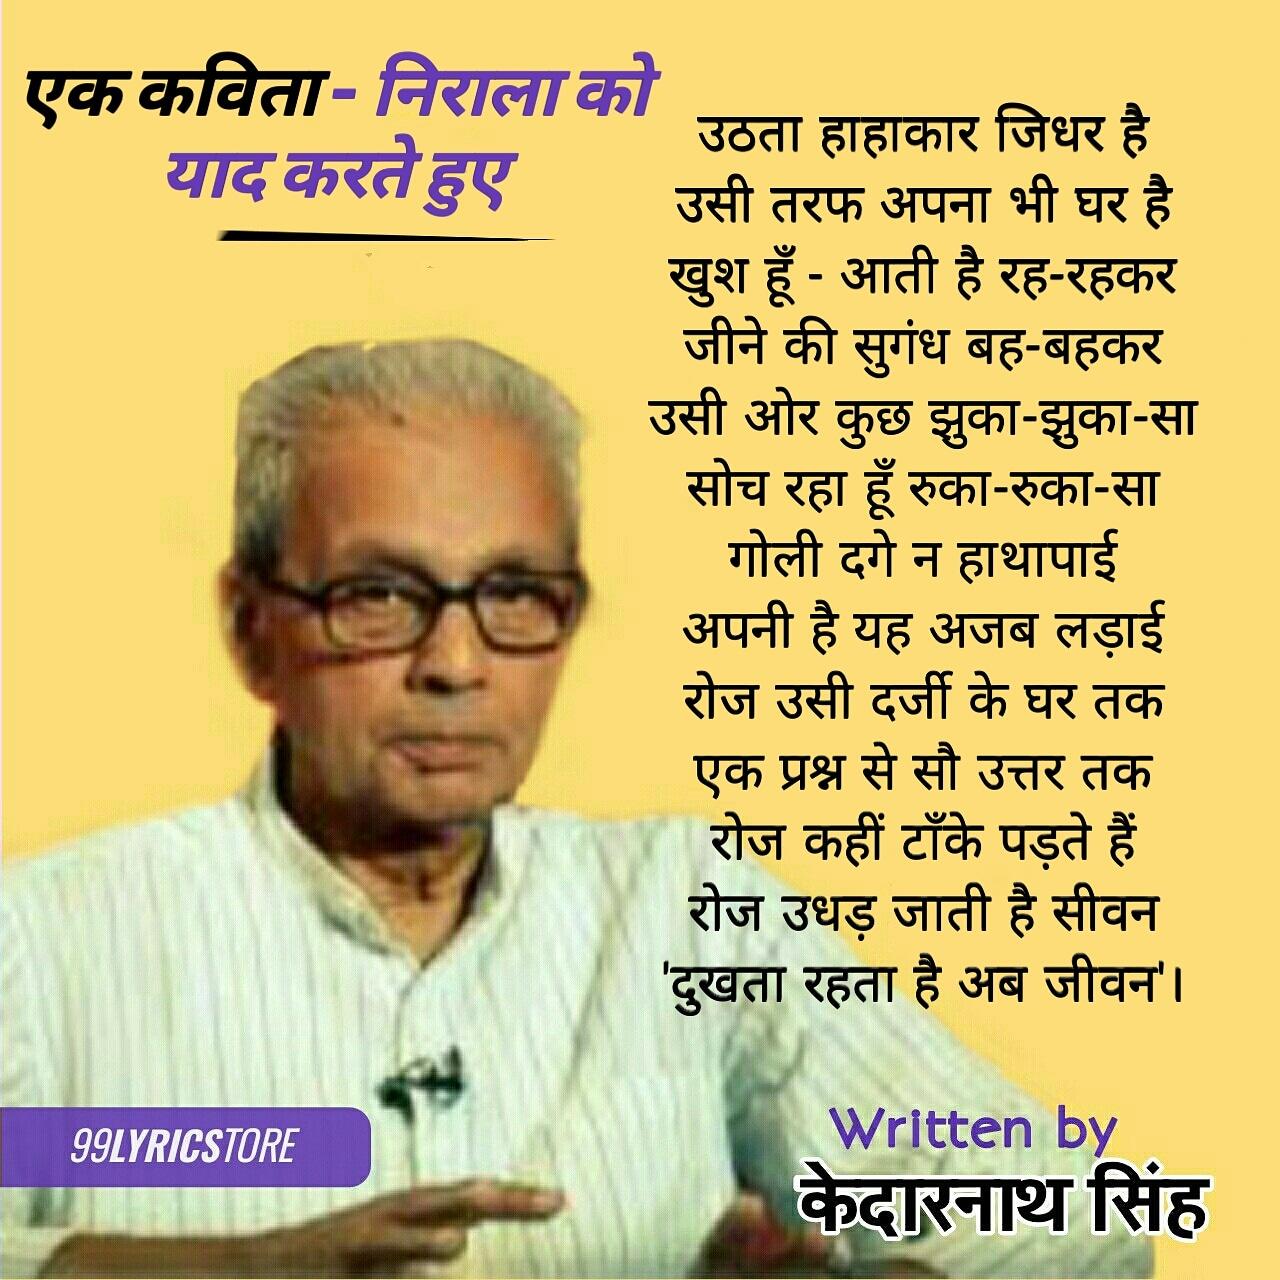 'एक कविता - निराला को याद करते हुए' केदारनाथ सिंह जी द्वारा लिखी गई एक हिन्दी कविता है। 'अकाल में सारस' केदार जी द्वारा लिखी गई एक काव्य संग्रह है जिसमें ये कविता ' एक कविता - निराला को याद करते हुए' भी शामिल है।